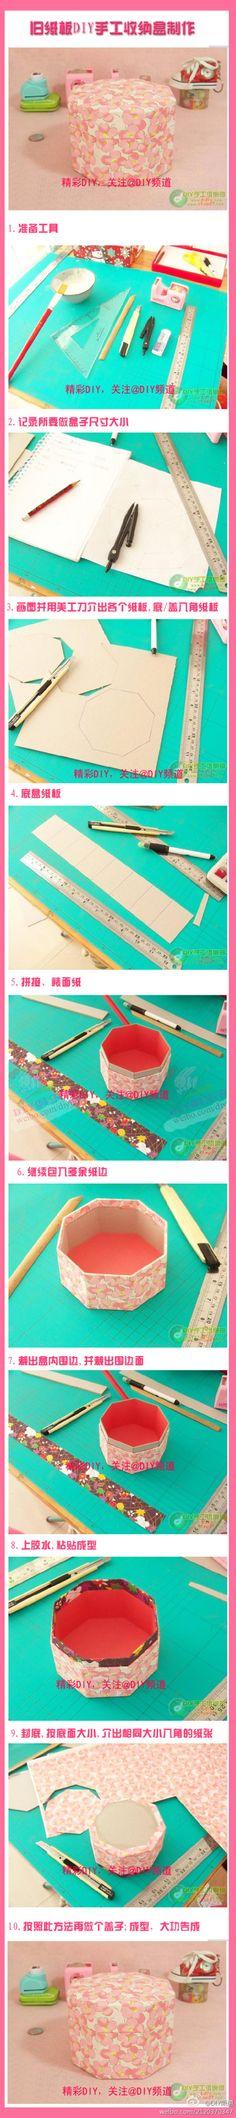 旧纸板DIY手工收纳盒制作_来自夕紫的图片分享